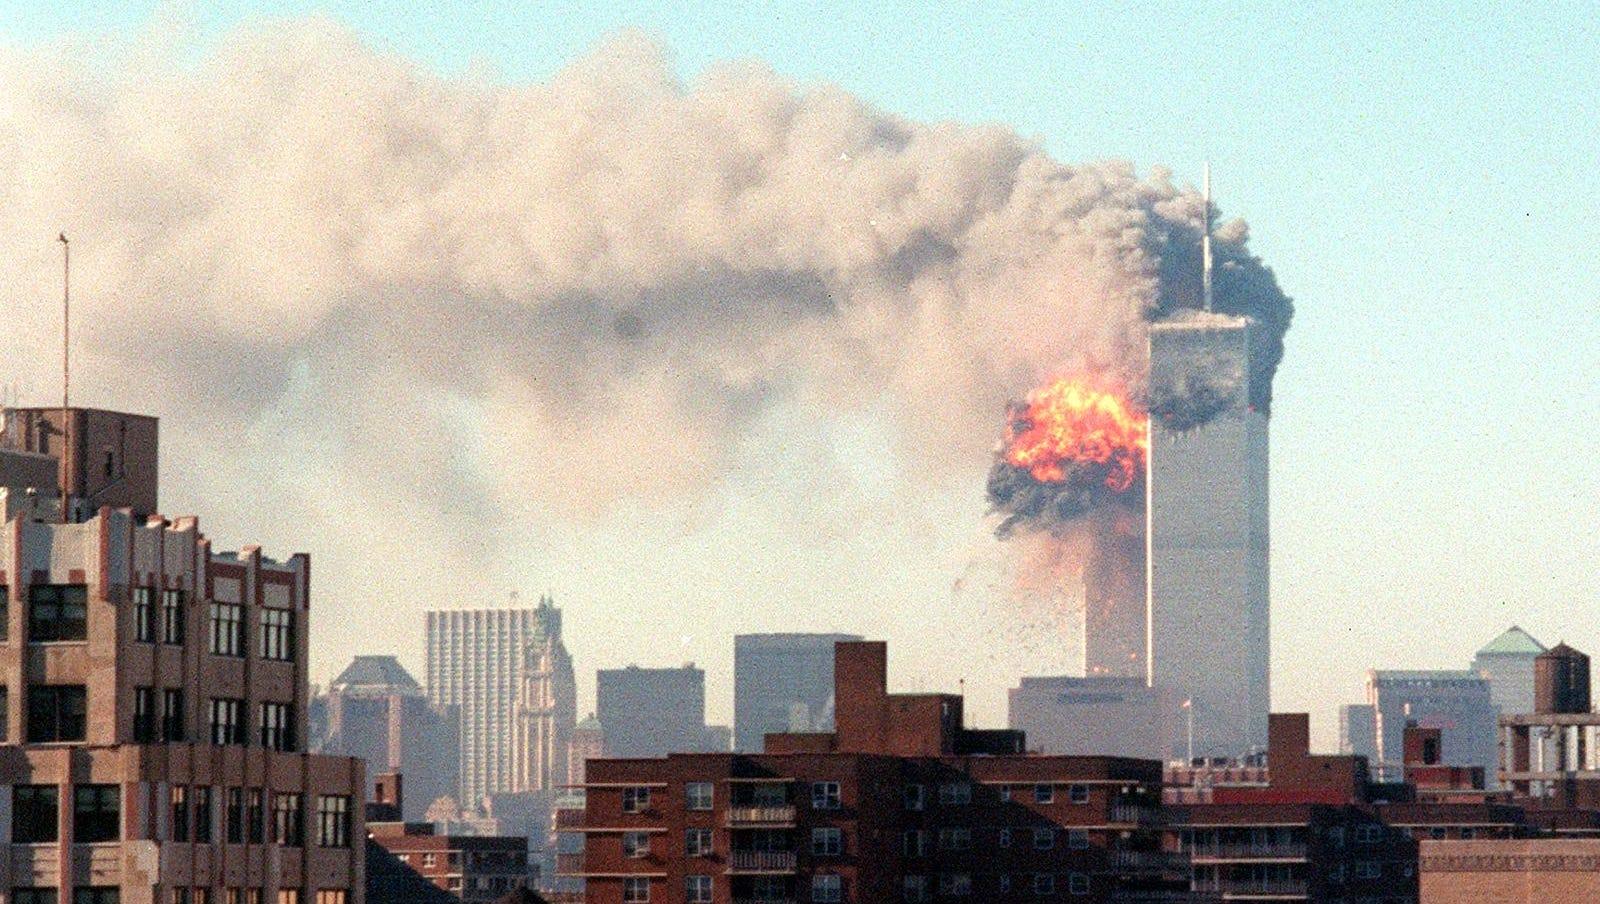 Imagini surprinse de Google Earth din timpul atentatelor din 11 septembrie 2001, făcute publice